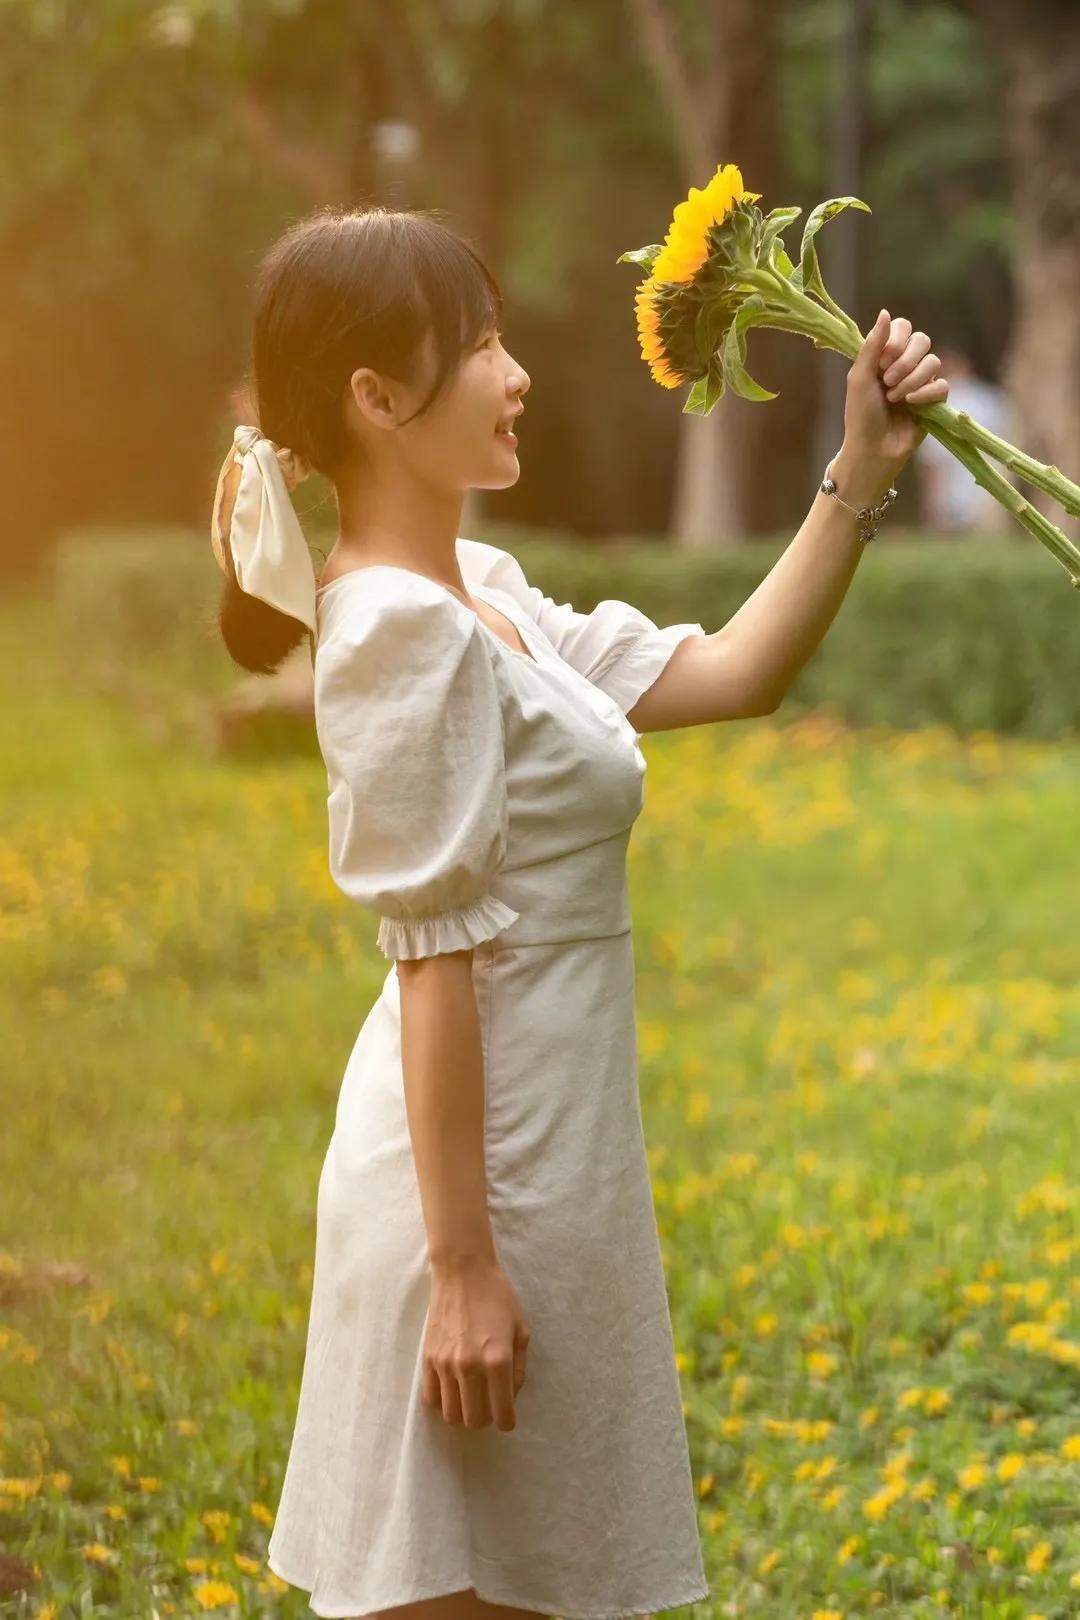 江门市妇幼保健院有一个姑娘细心、温暖、有担当,她的名字叫黄洁玲